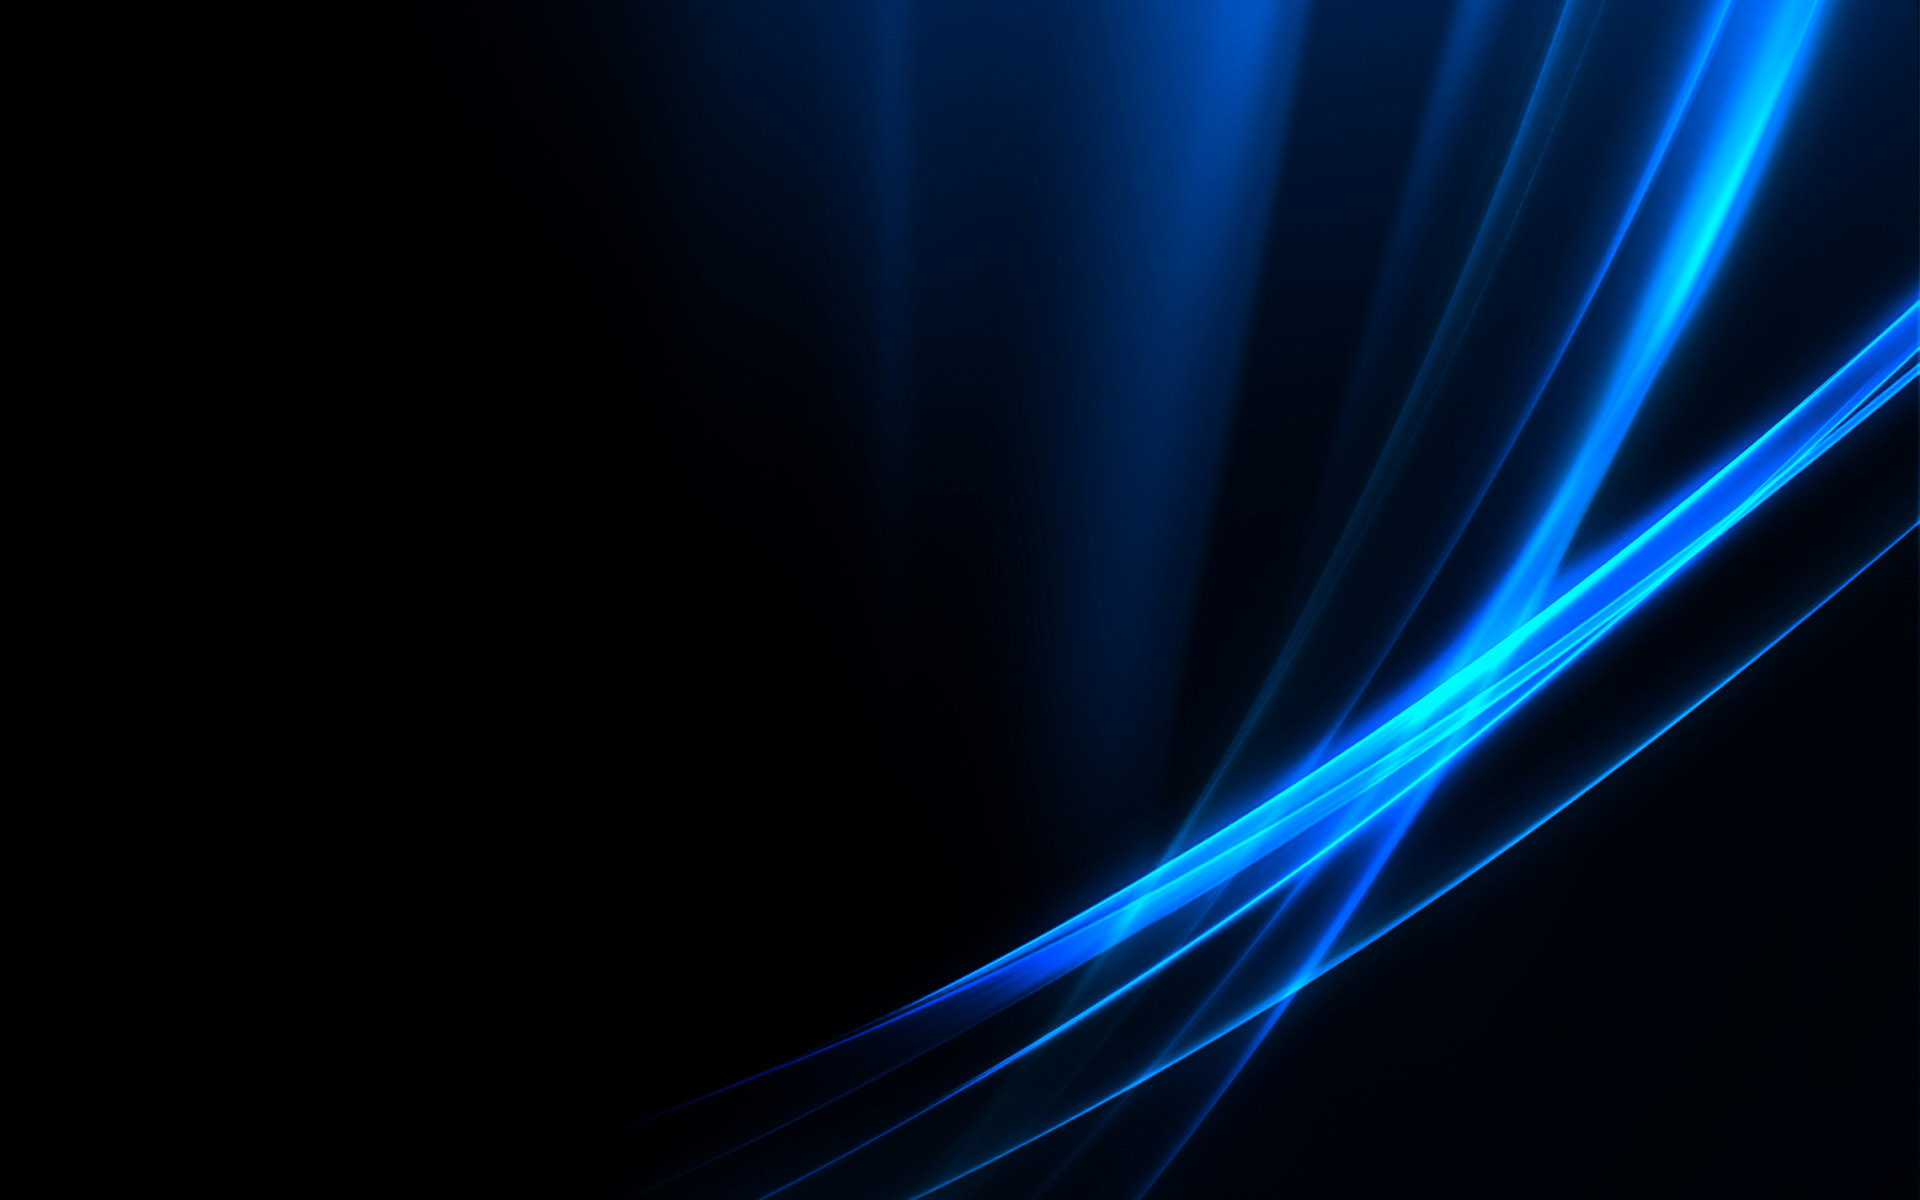 微软xp经典壁纸_黑色壁纸_欧美壁纸_星空壁纸 - 黑马素材网